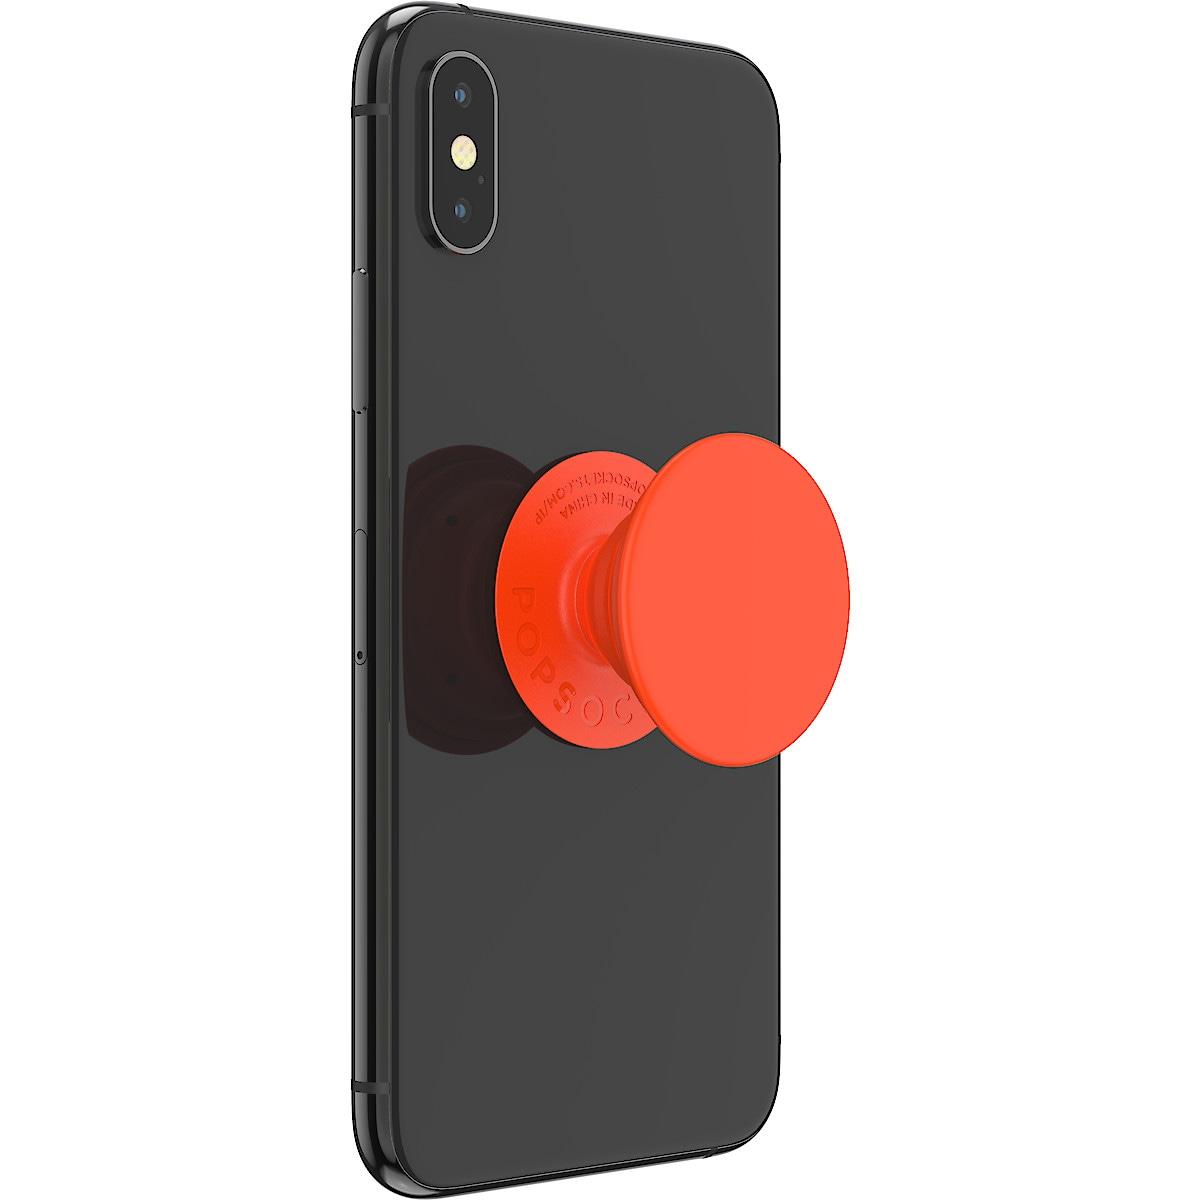 Mobilgrepp, PopSockets Grip